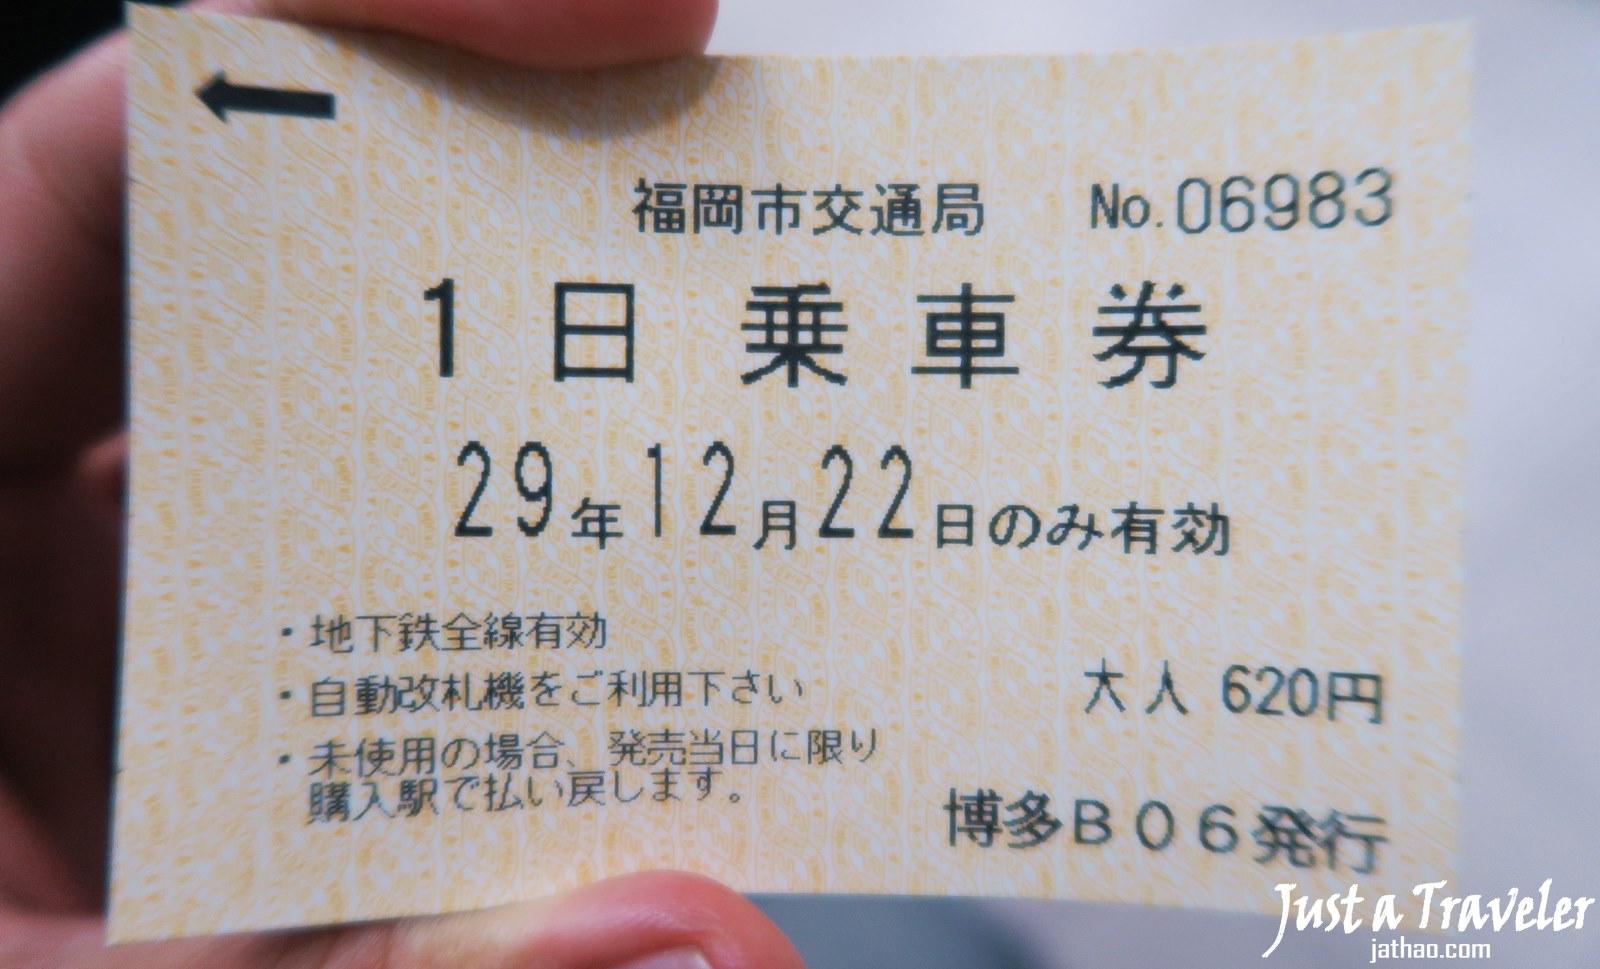 九州-福岡-交通-福岡地鐵一日券-福岡地鐵-西鐵電車-福岡巴士-福岡公車-福岡JR-介紹-福岡交通攻略-教學-福岡交通優惠券-乘車券-票價-路線-時刻-自由行